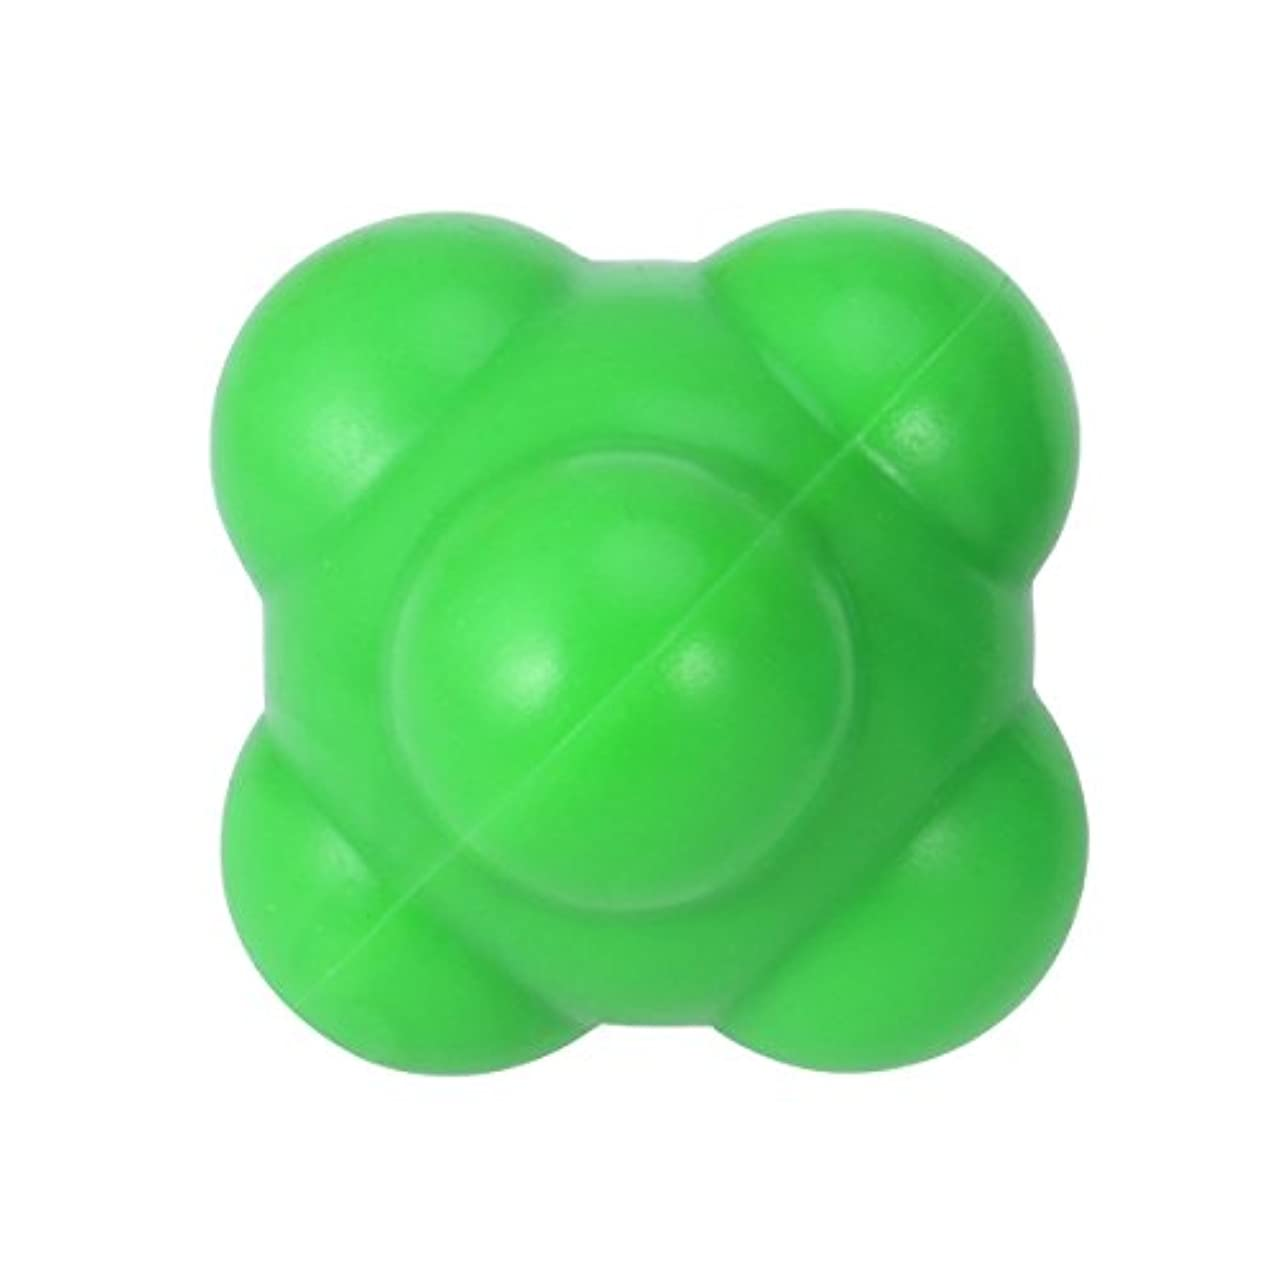 パラメータ怠けた泥SUPVOX 反応ボール 敏捷性とスピードハンドアイ調整(グリーン)